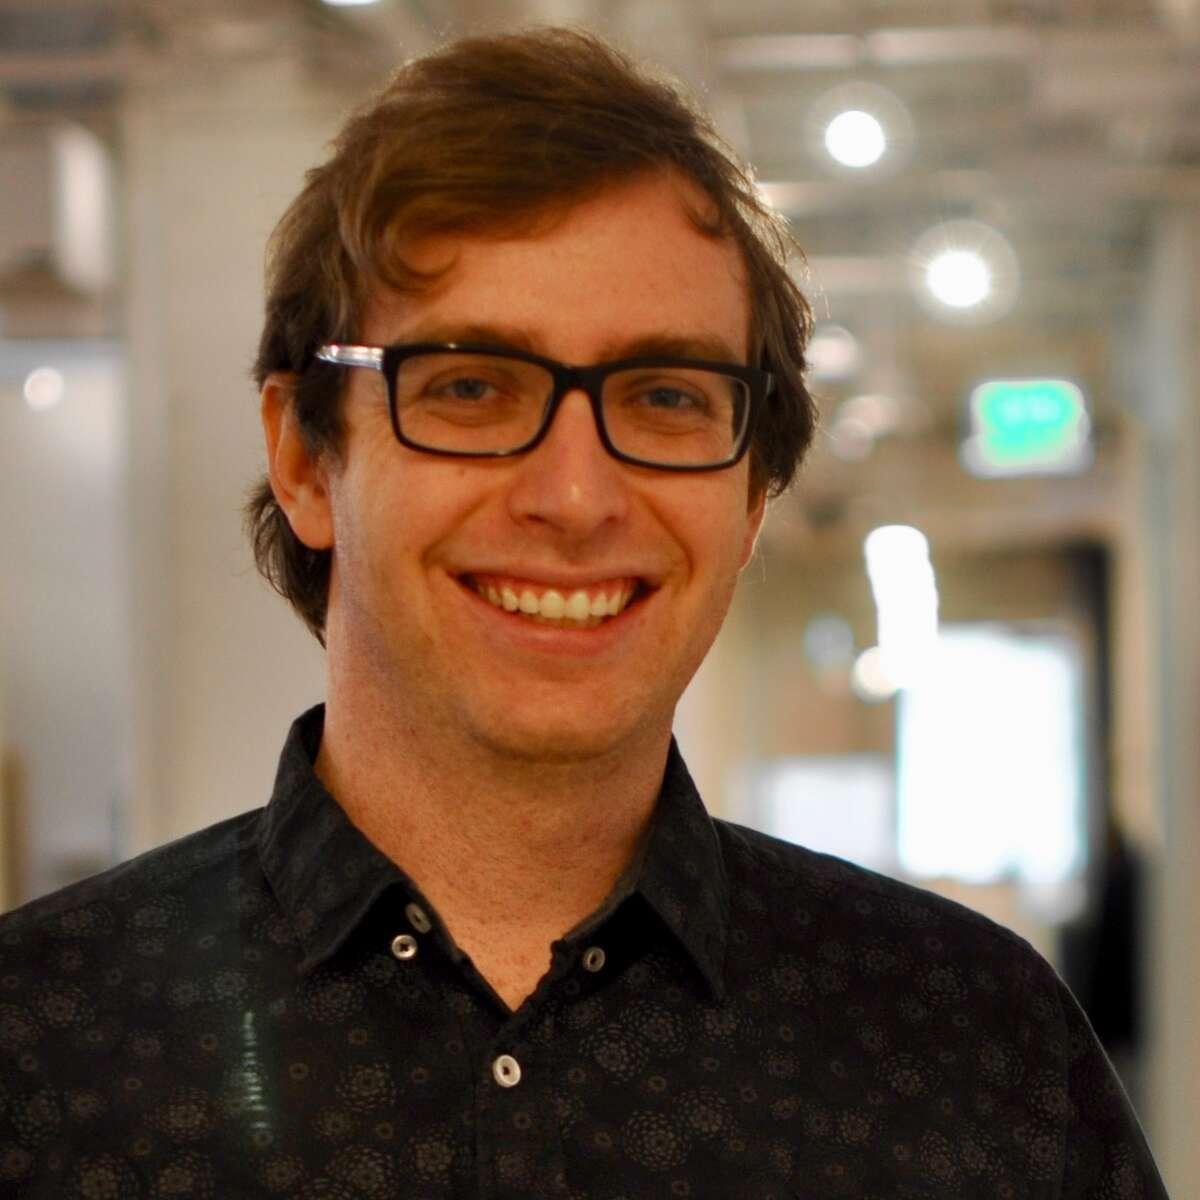 Ian Thomas, WeCroak's developer.